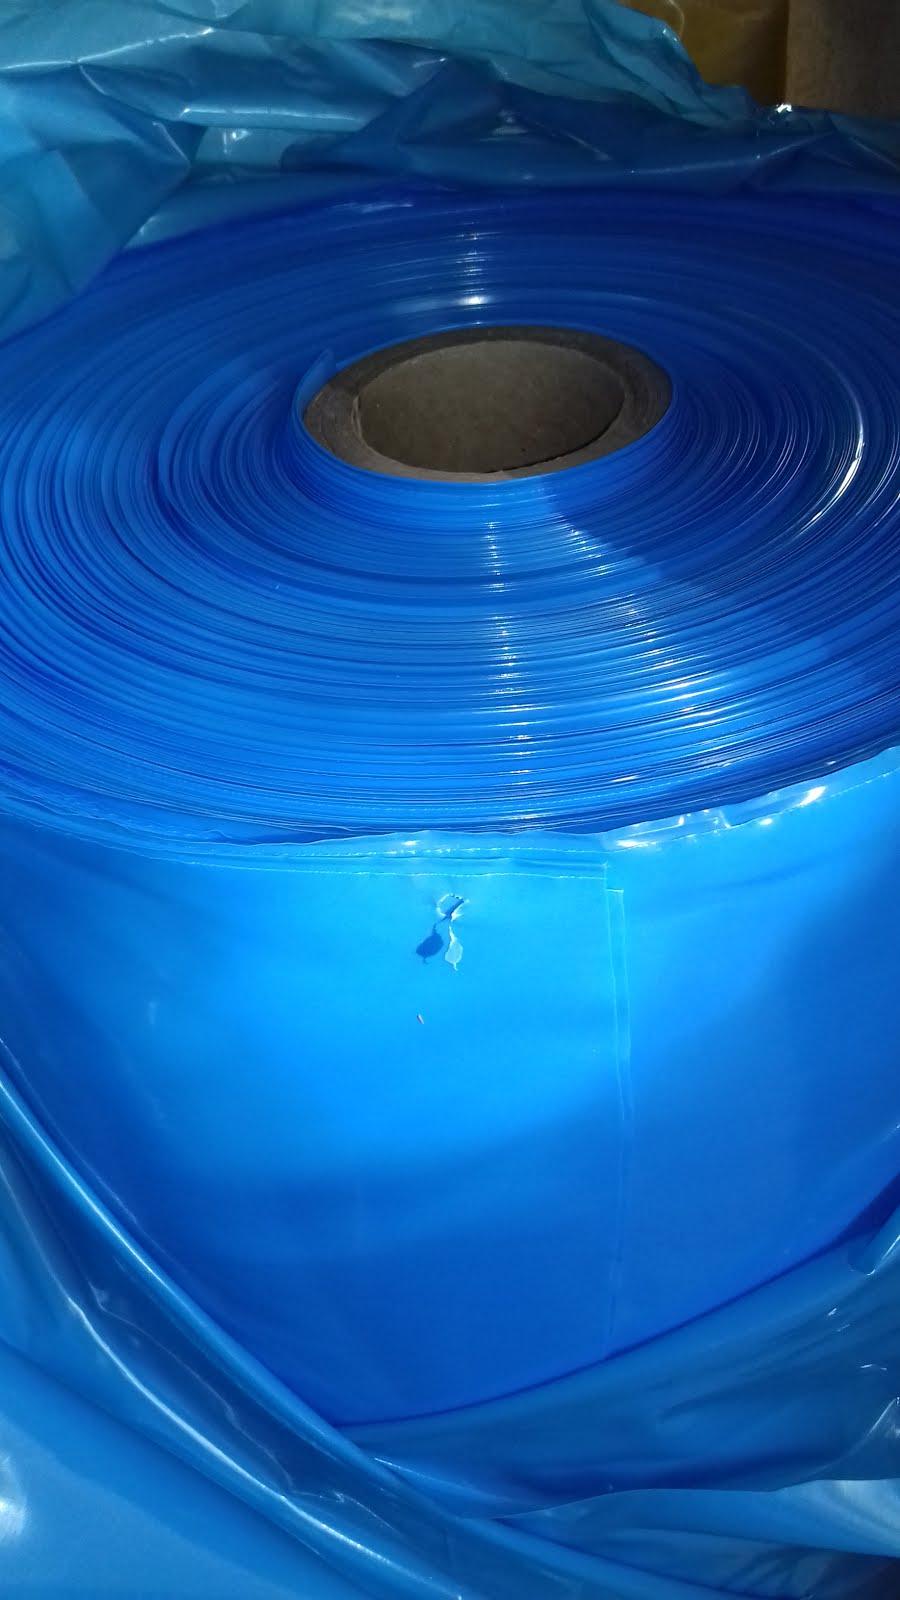 Lona azul virgem 4x100x50kg